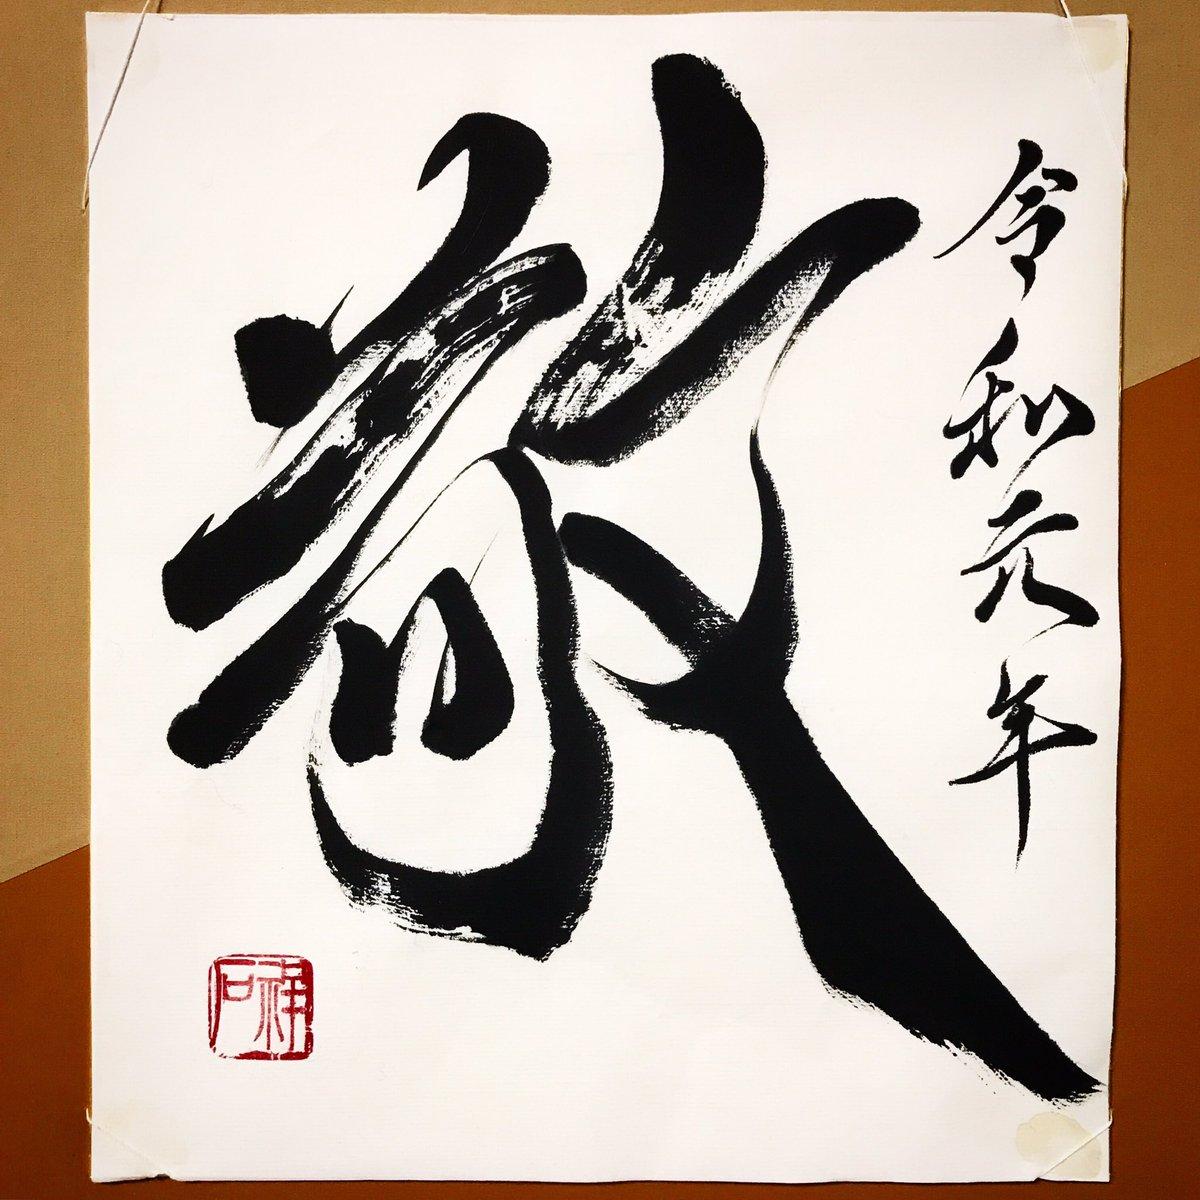 苗字 漢字 一文字